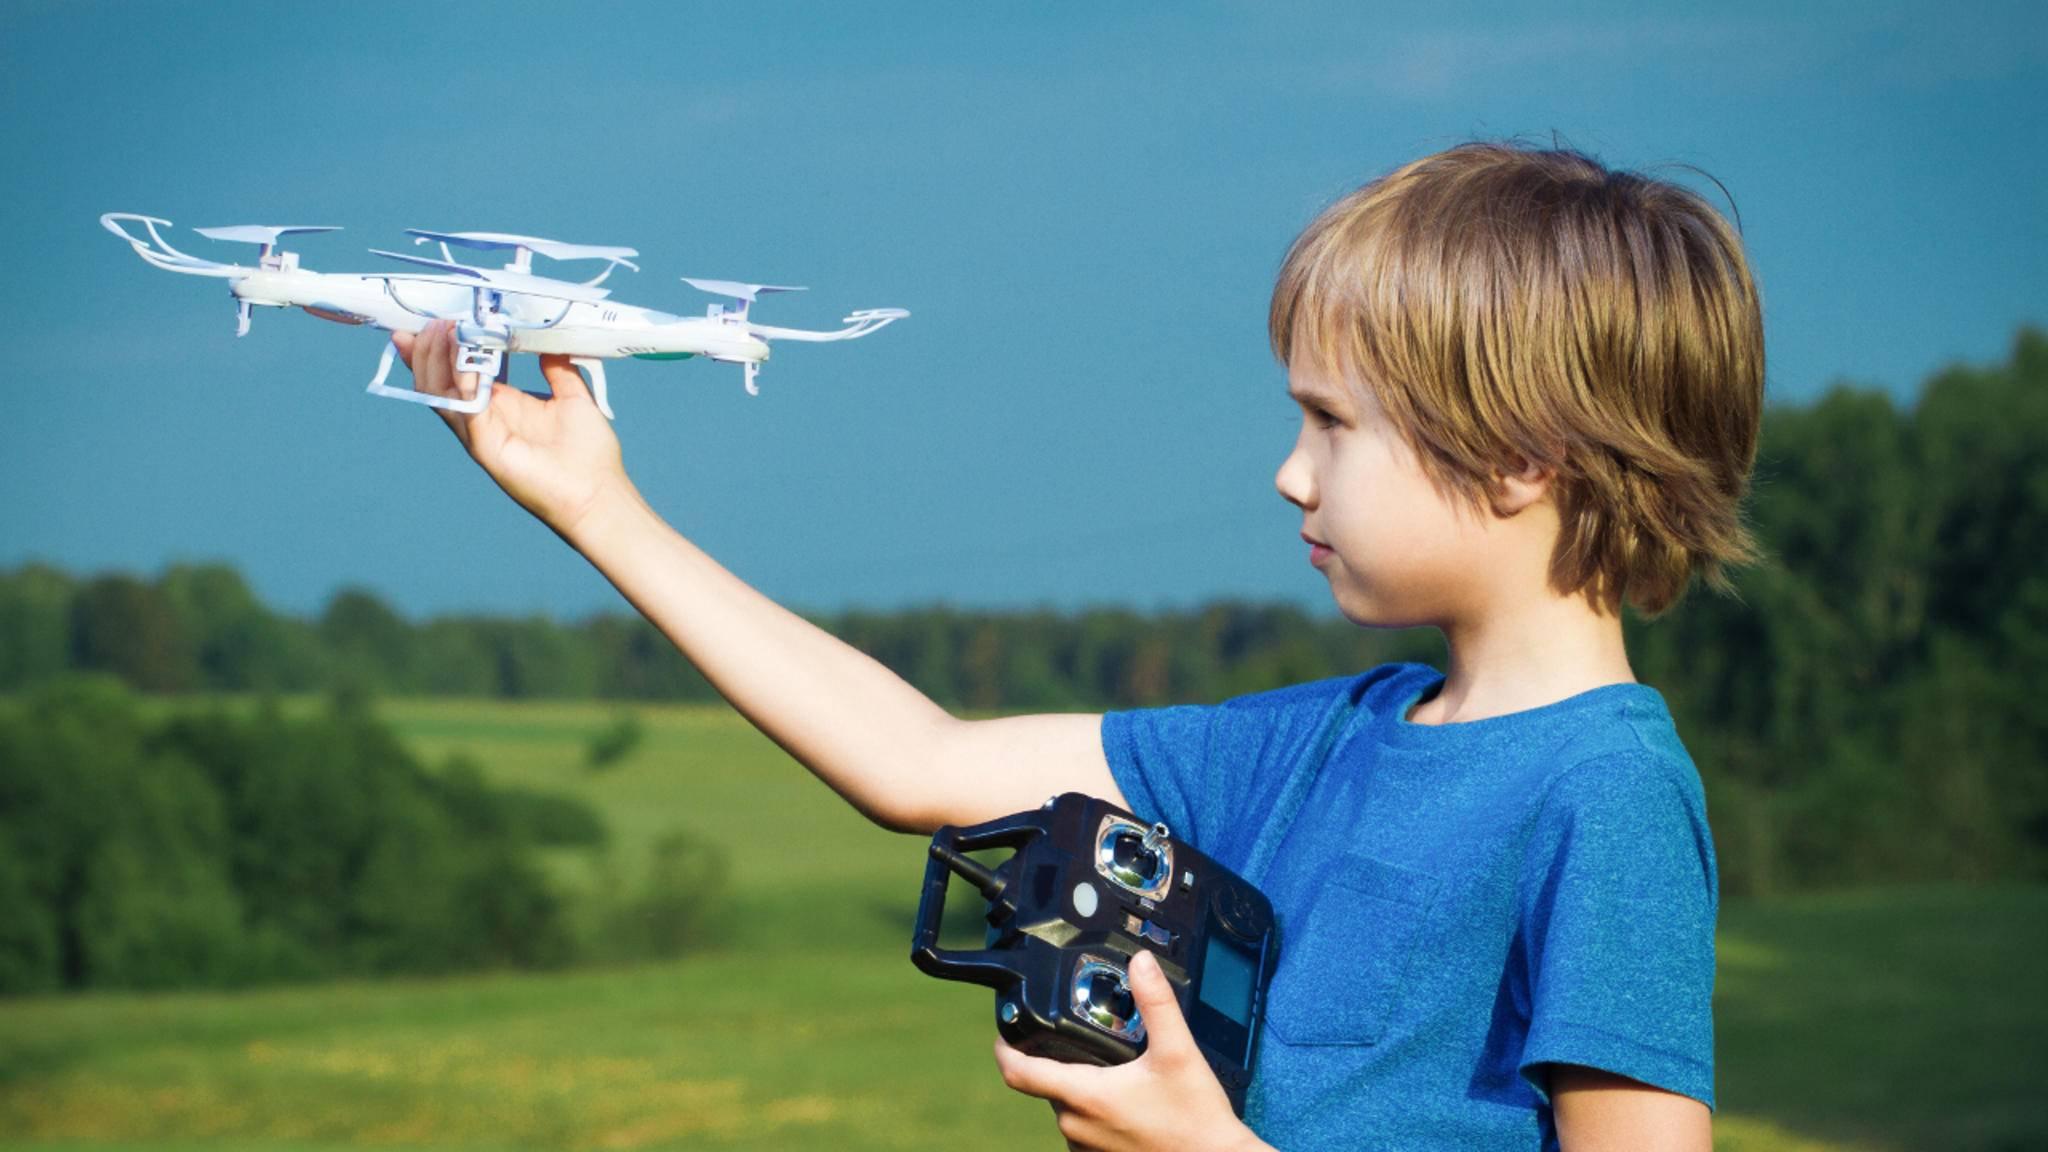 Wir stellen die passenden Drohnen für Kinder vor.